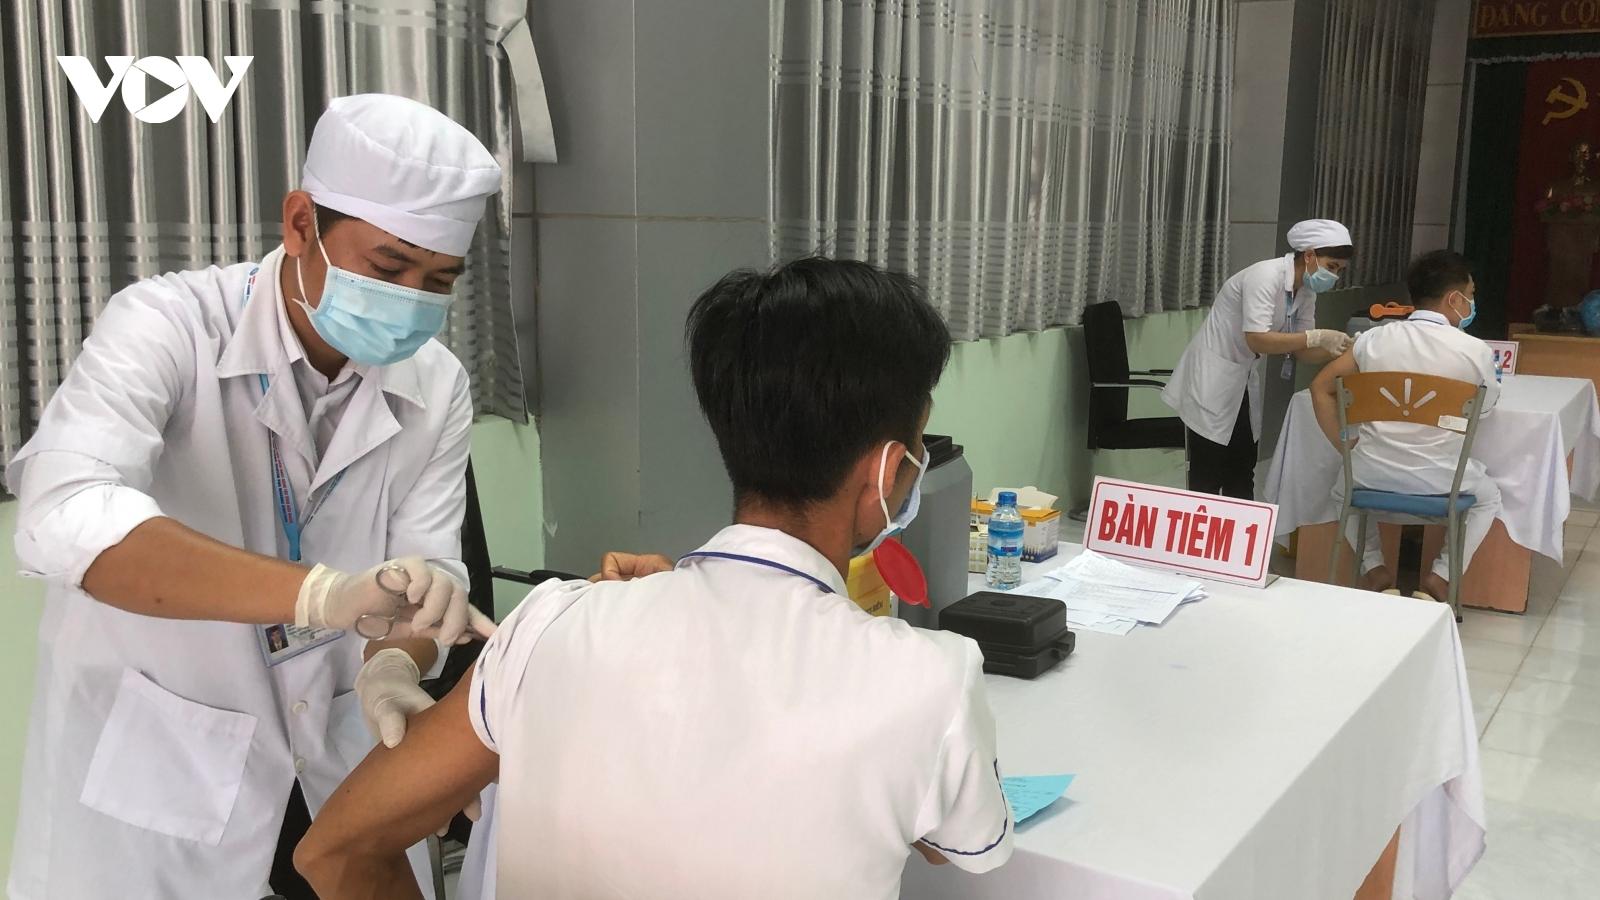 Đồng Tháp, Hậu Giang bắt đầu tiêm vaccine phòng Covid-19